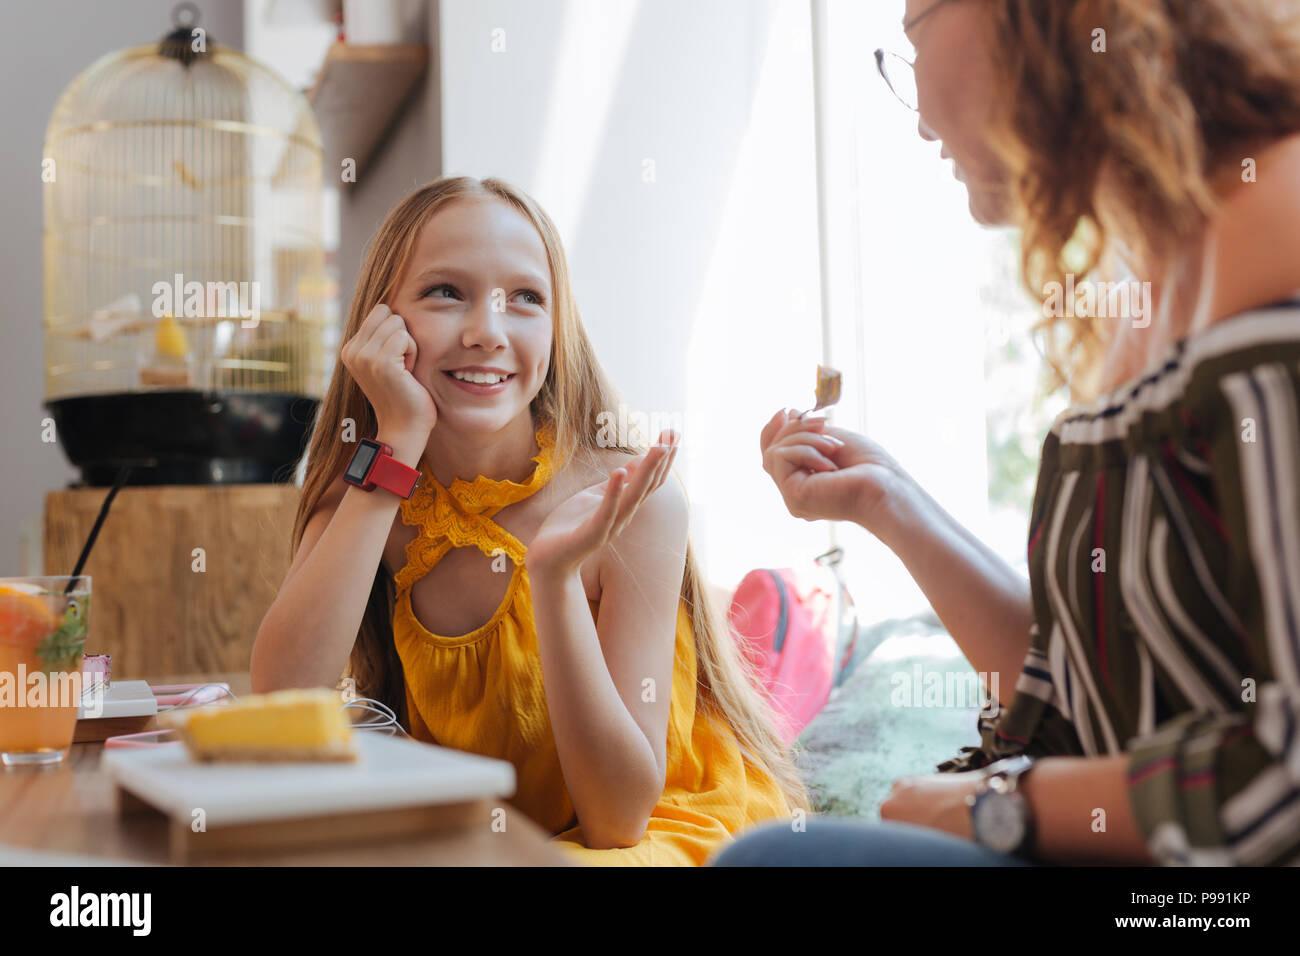 Strahlende blonde Teenager genießen Sie im Gespräch mit ihrer Mutter Stockbild